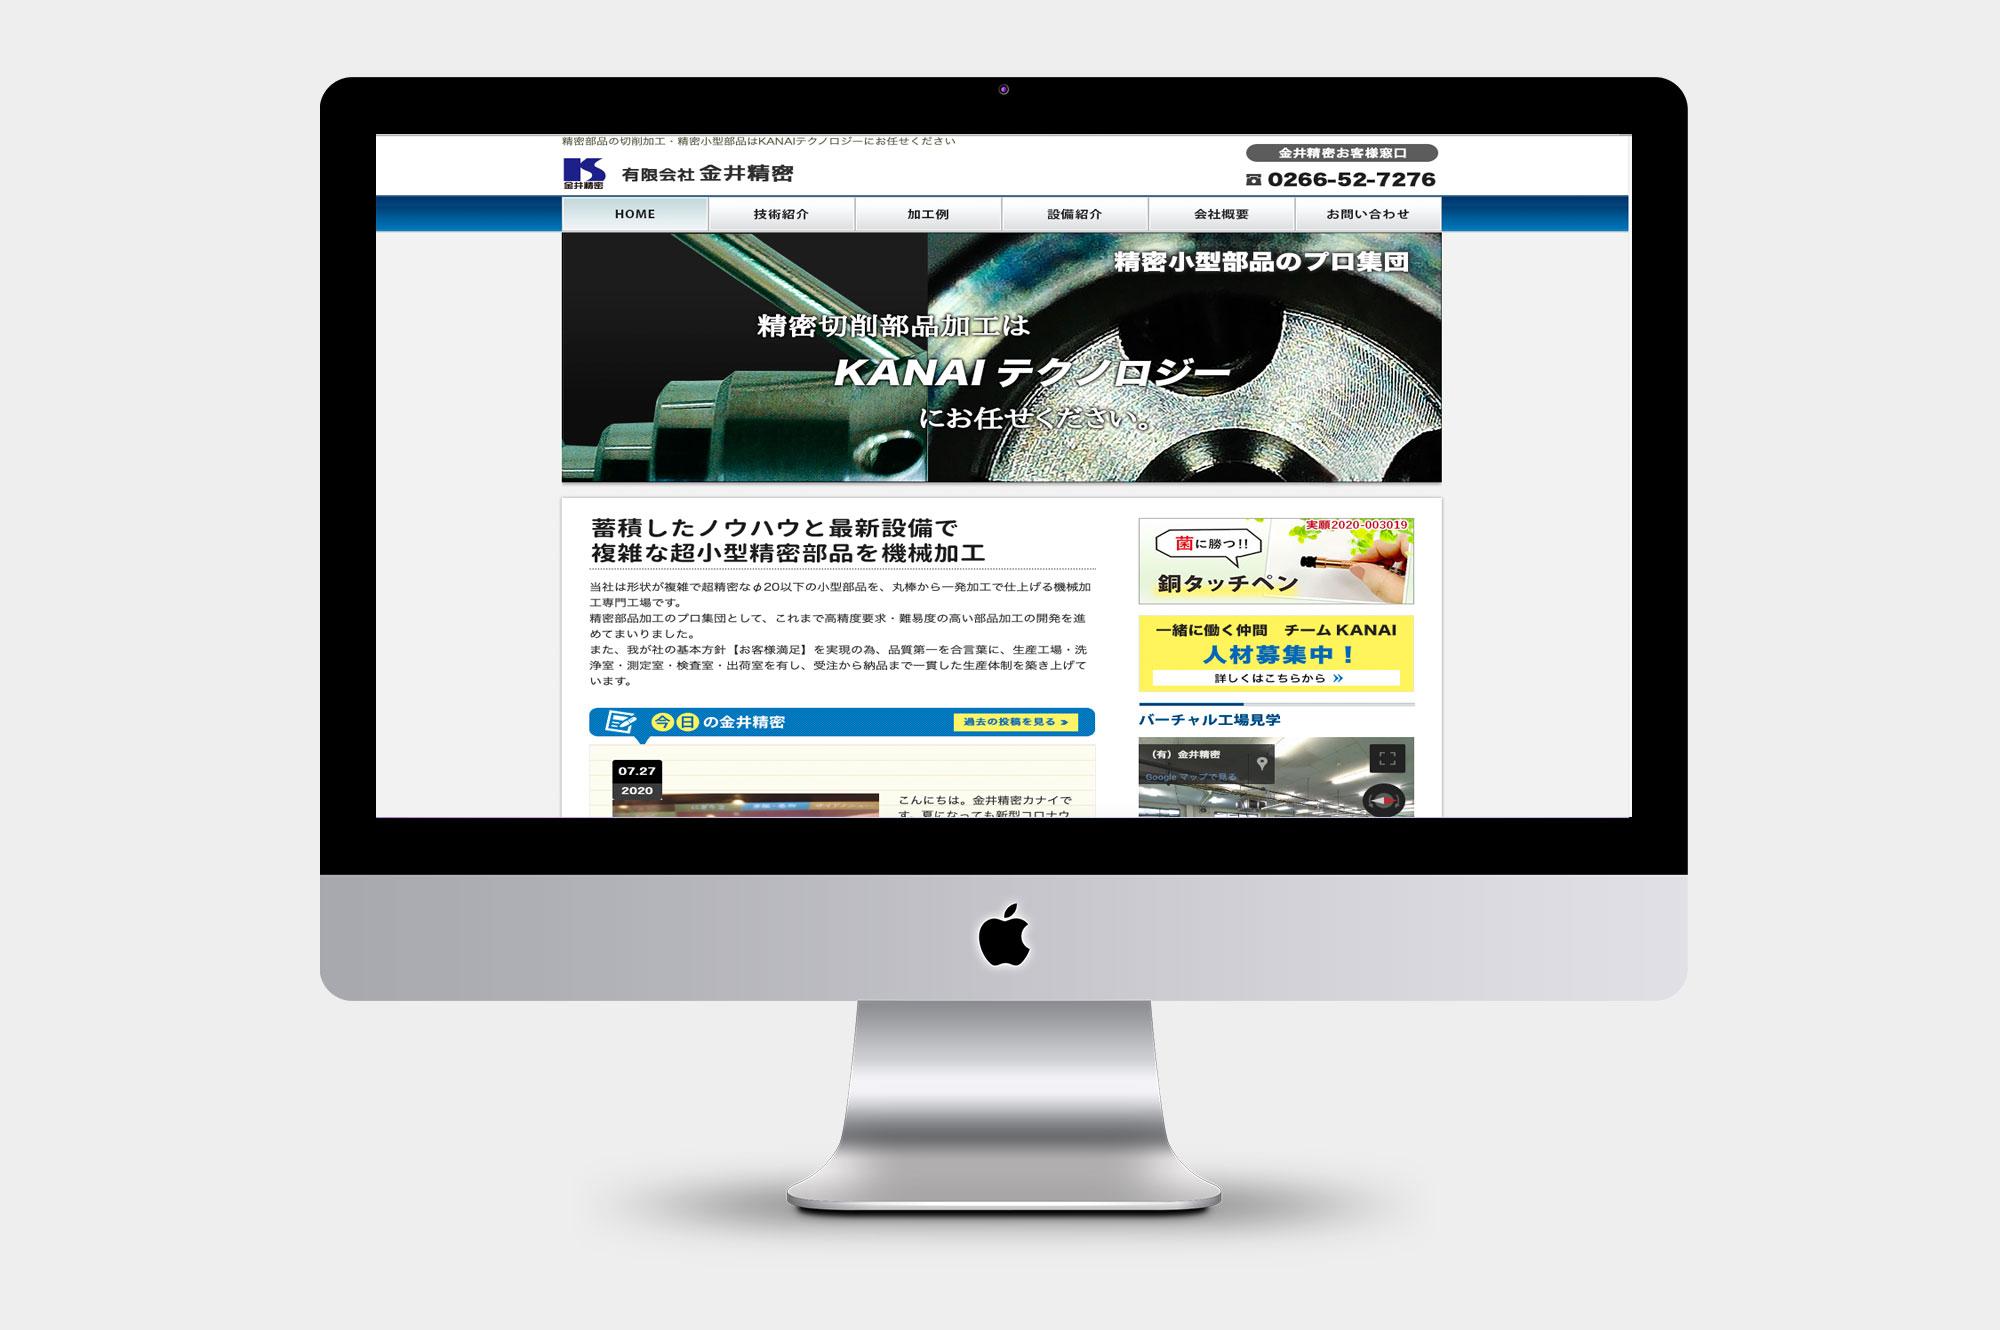 金井精密様ホームページ